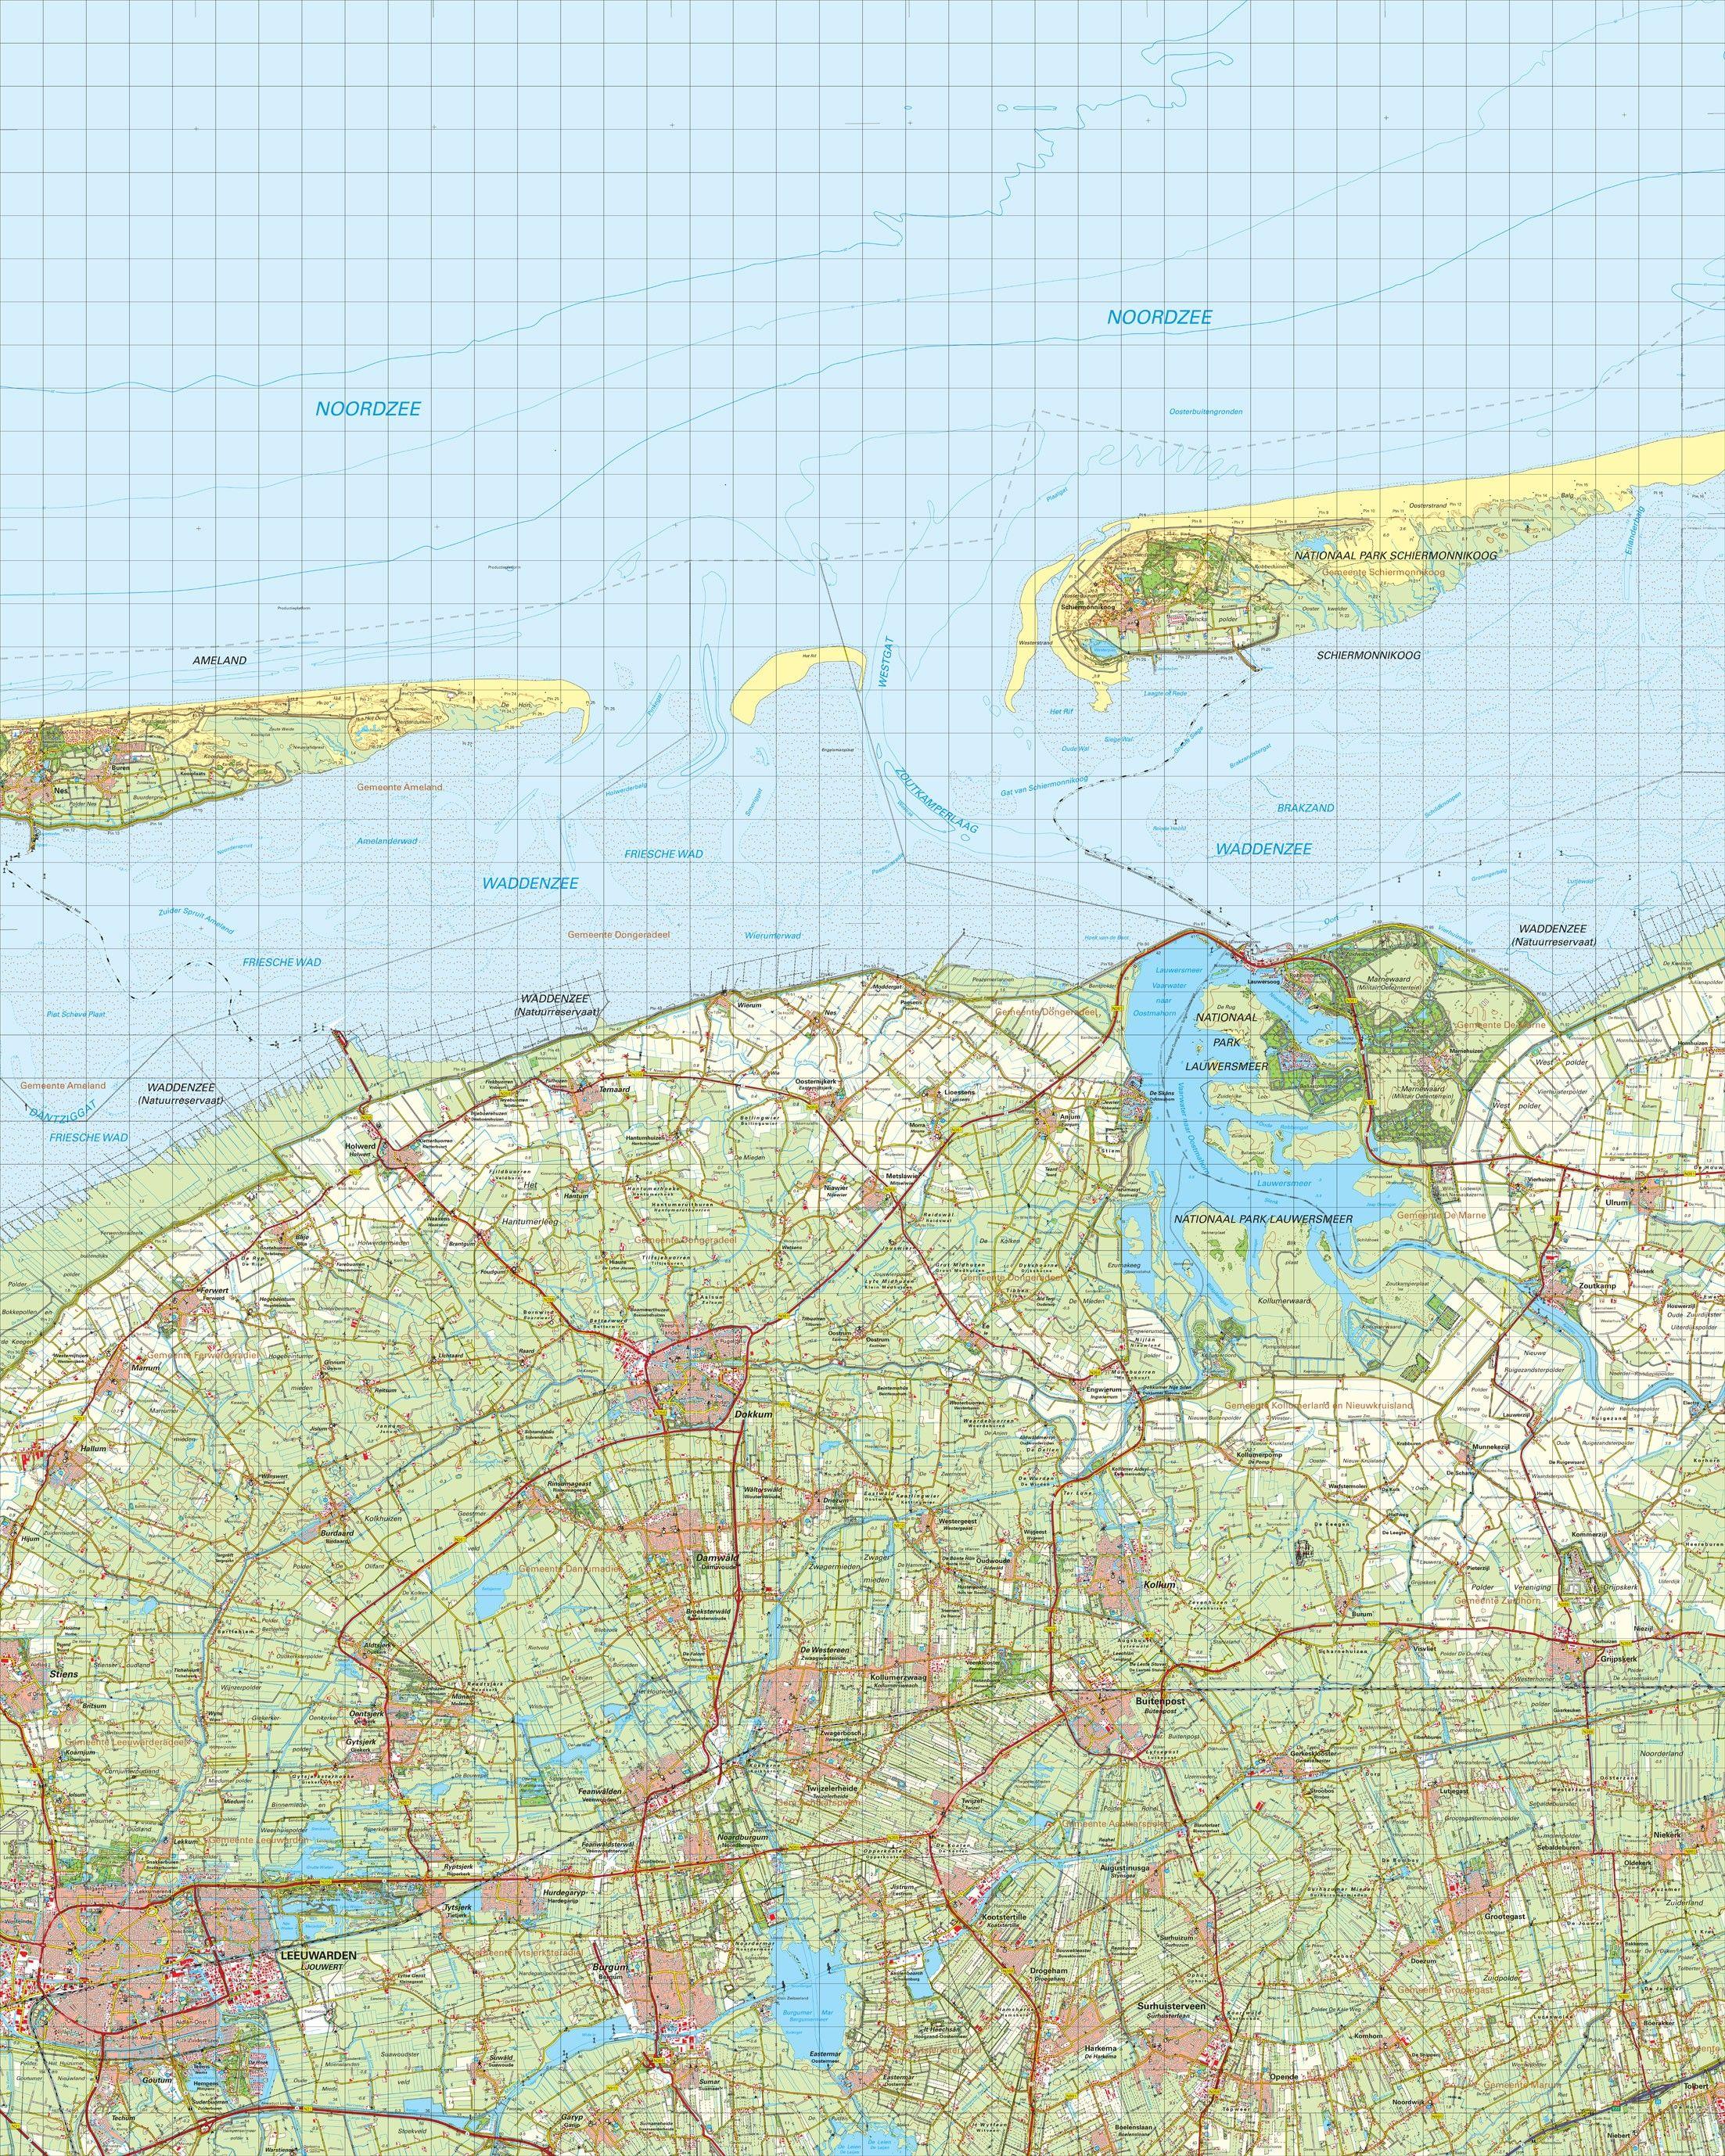 Topografische kaart schaal 1:50.000 (Ameland,Schiermonnikoog,Dokkum,Leeuwarden)